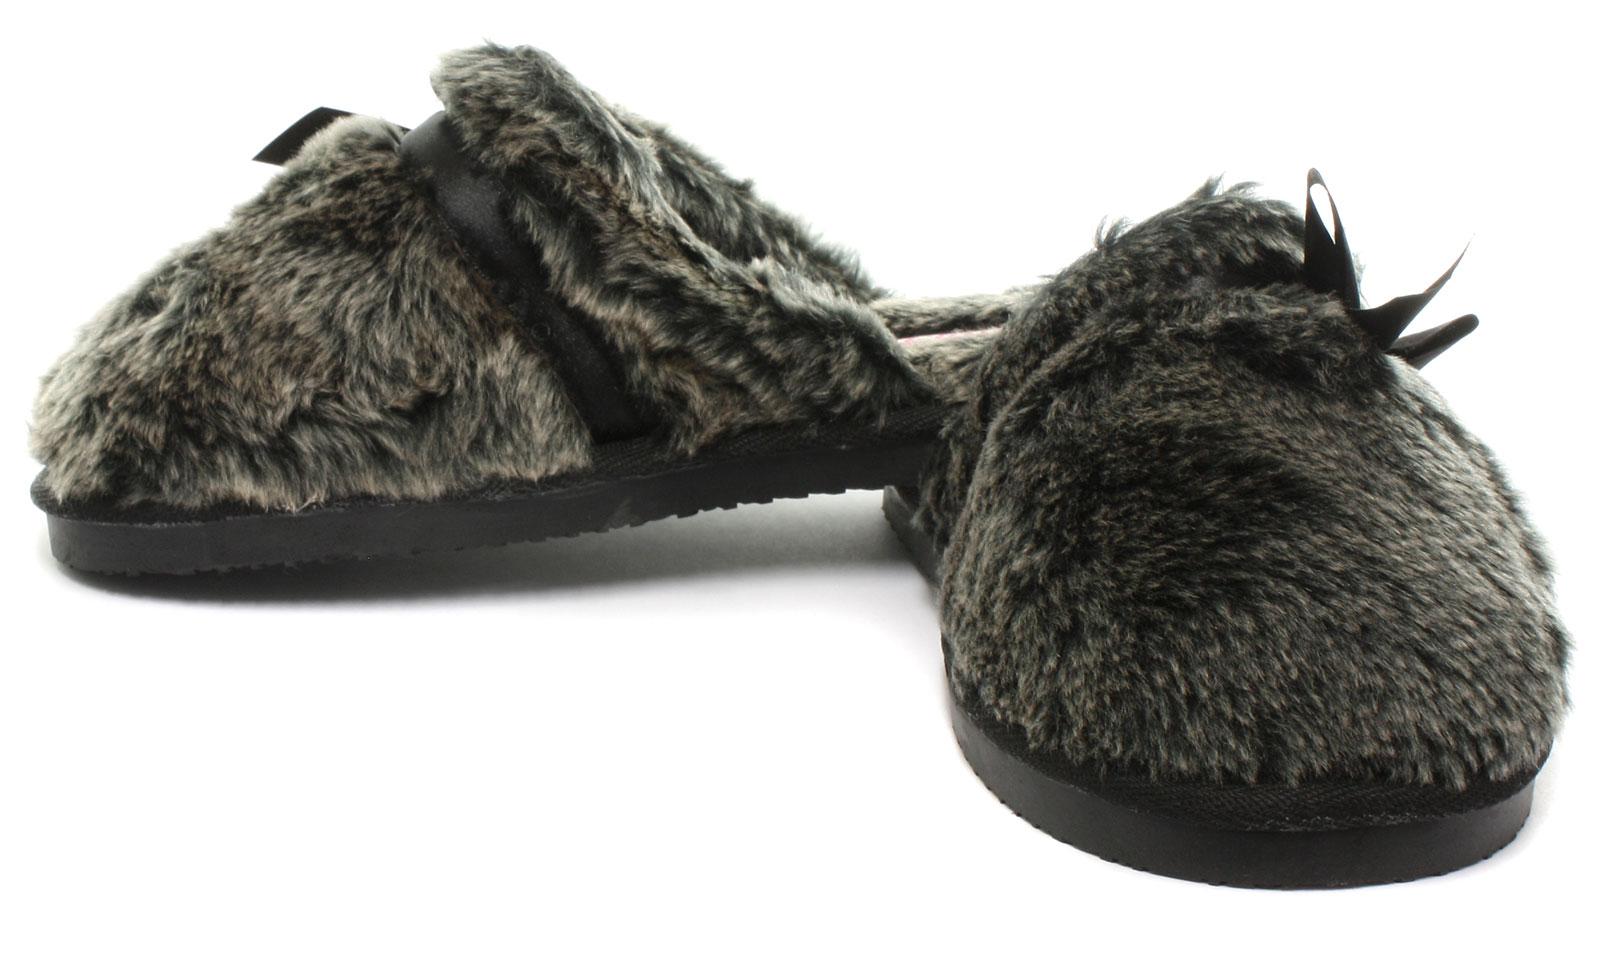 Nuevo Dunlop Adrienne carbón para mujer Zapatillas Mulas Size UK 6 (UE 39)